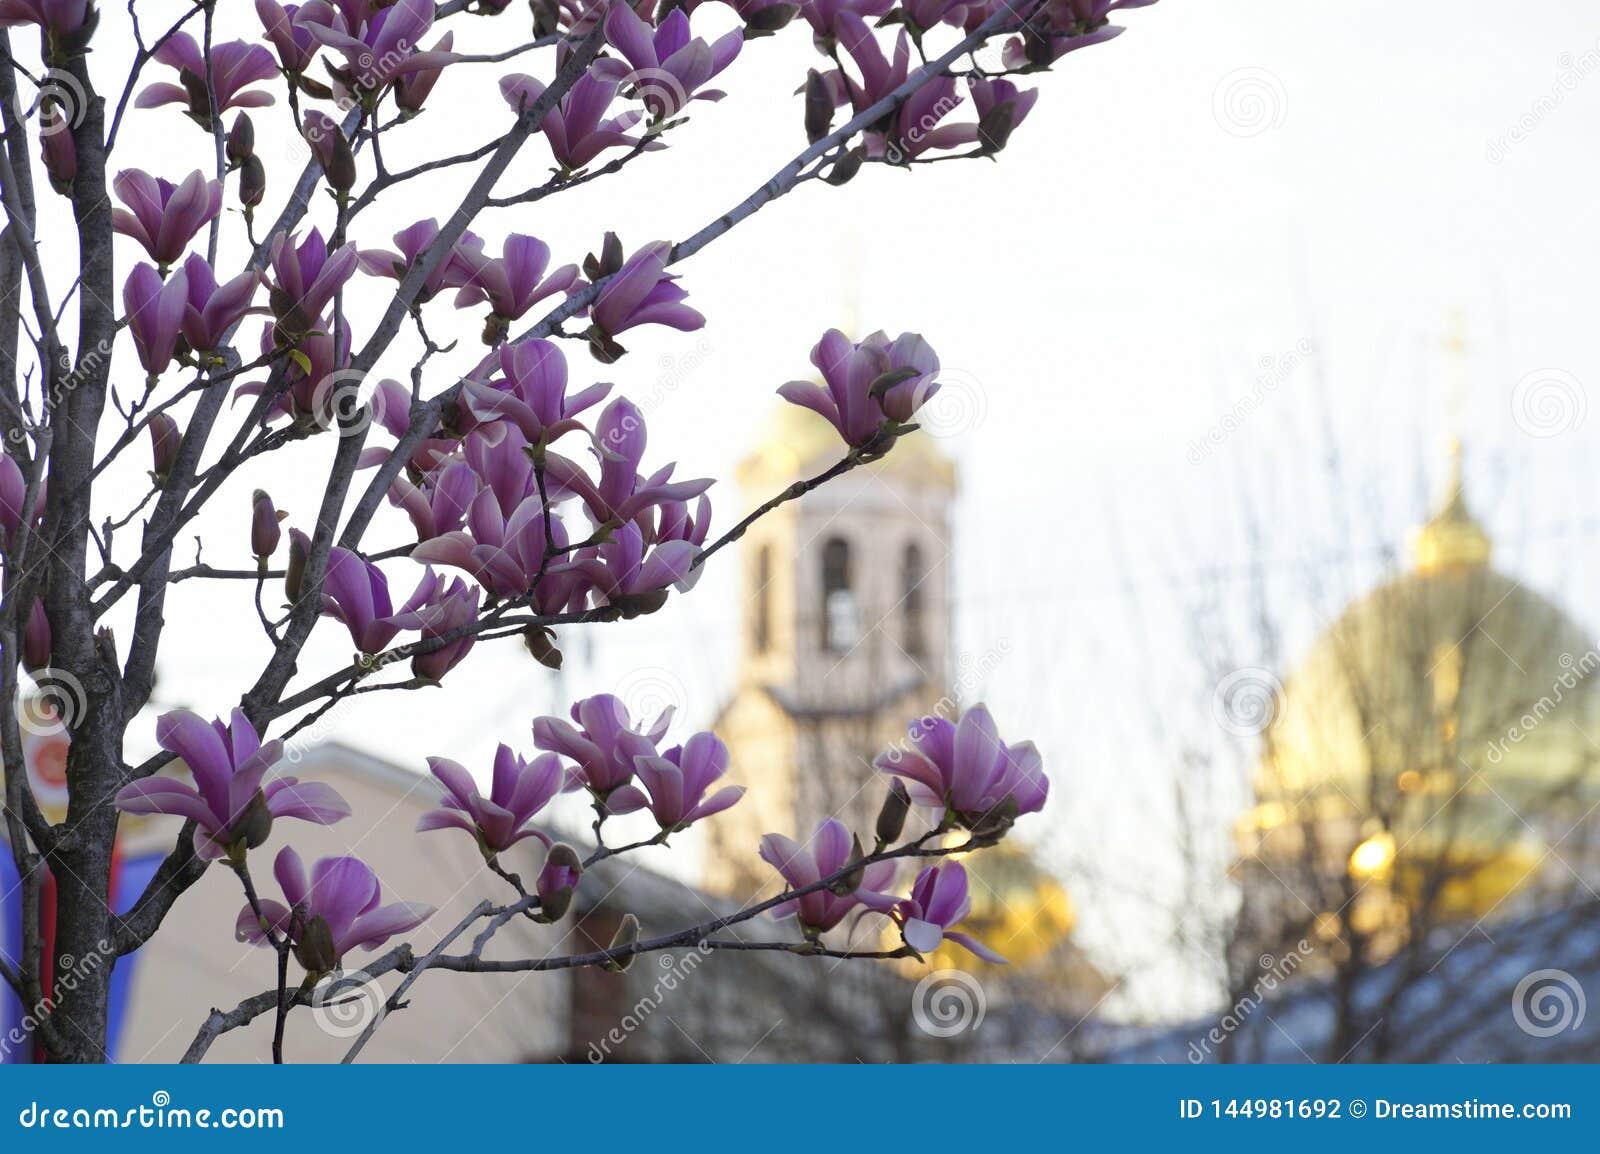 Άνθιση Magnolia στο υπόβαθρο μιας Ορθόδοξης Εκκλησίας